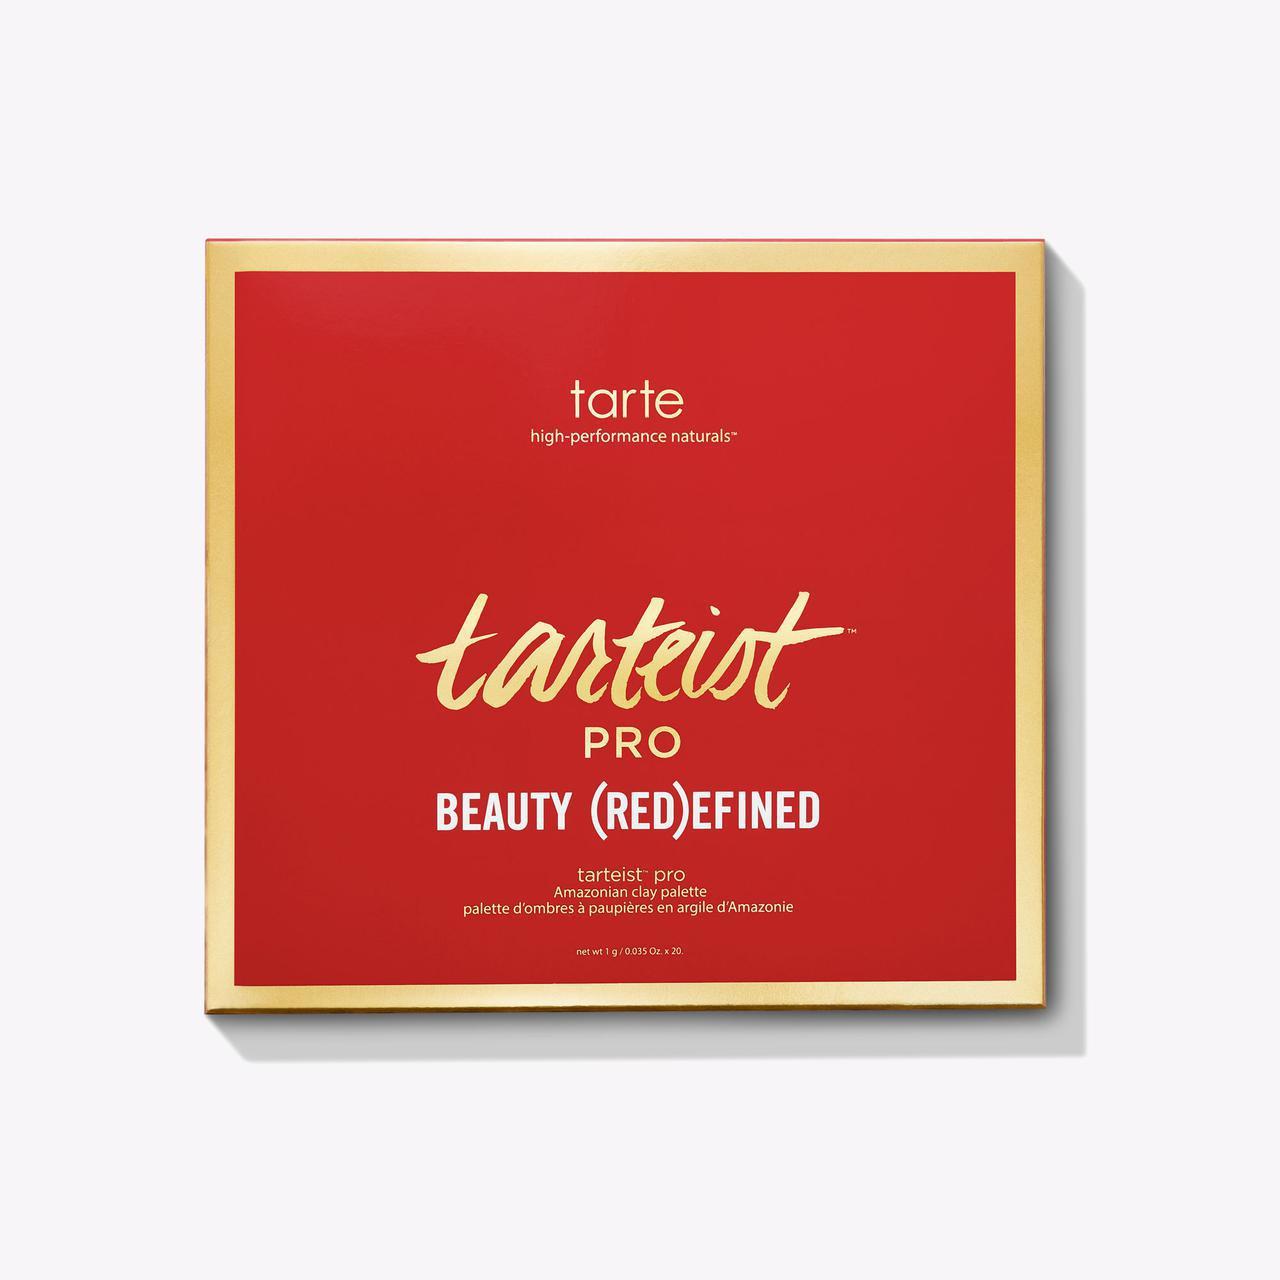 TARTE Tarteist Pro Beauty (RED)efined